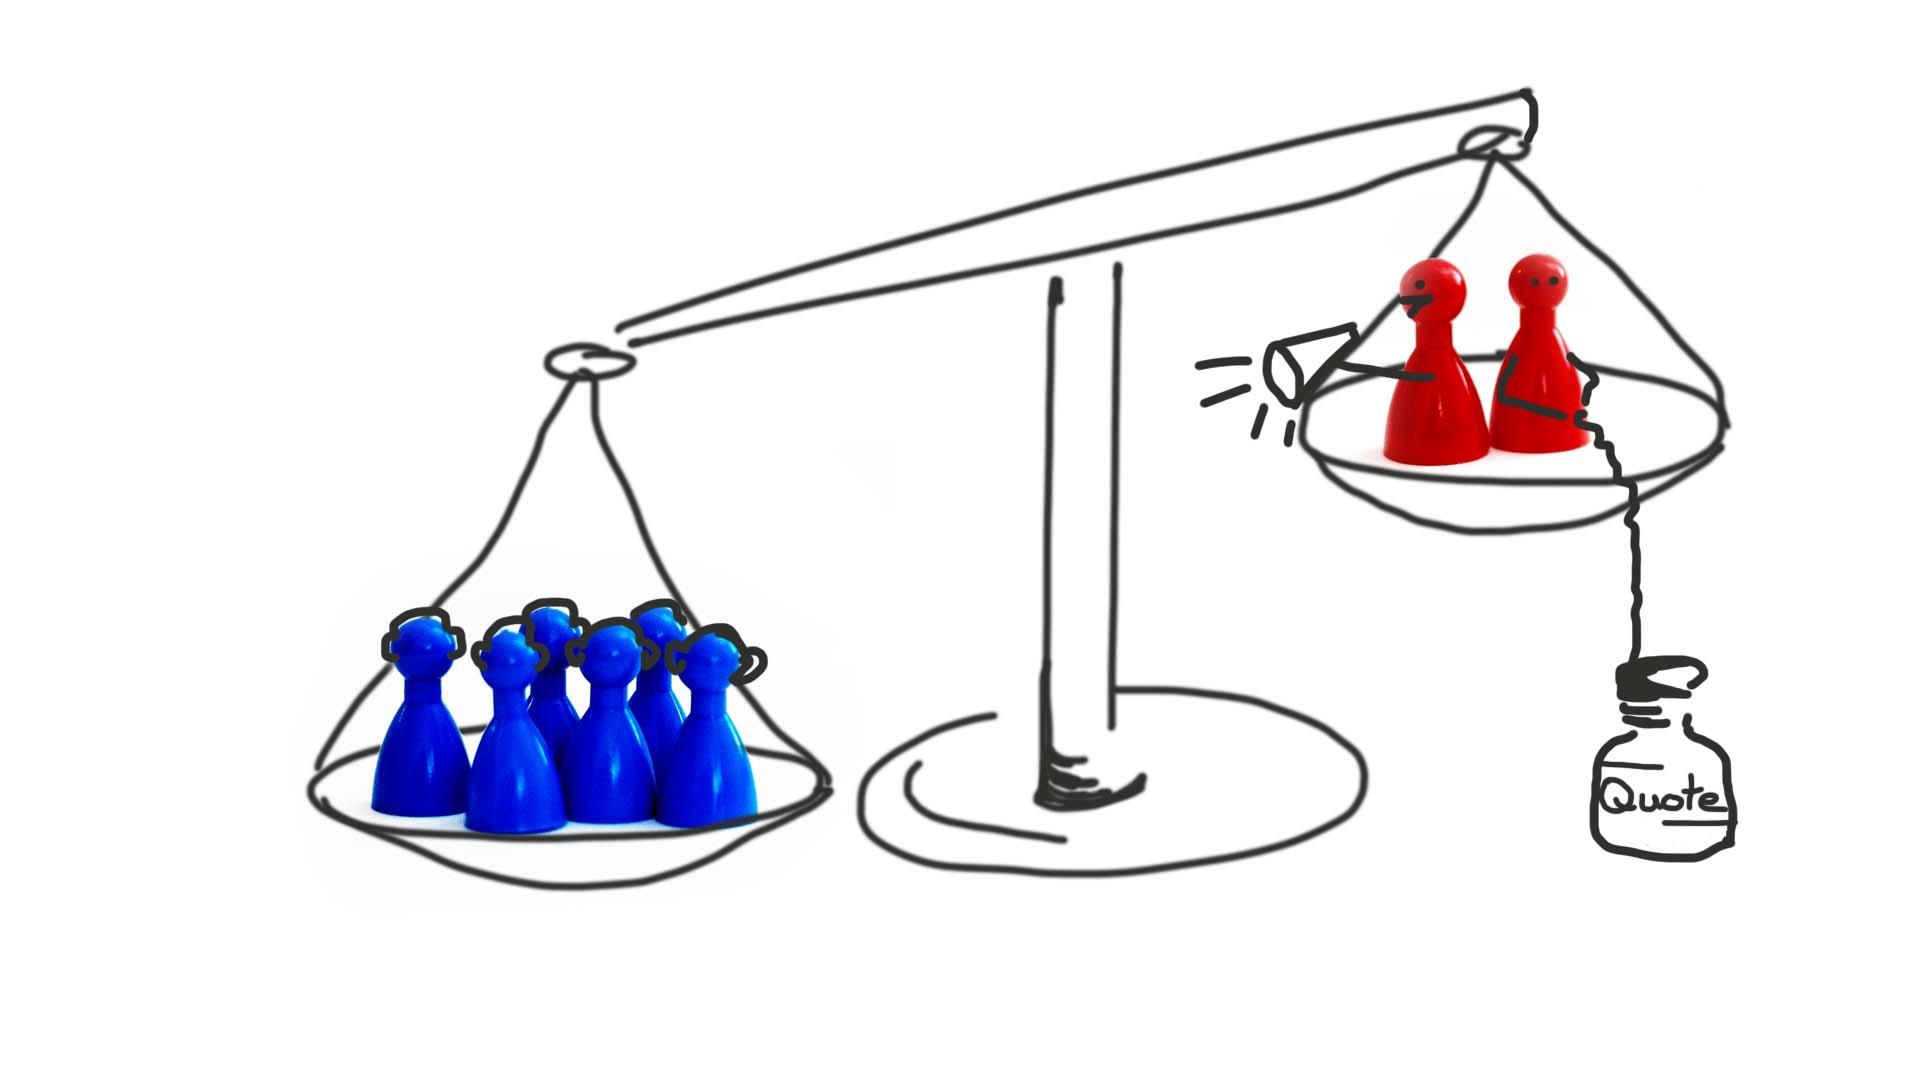 Eine Waage, auf deren linker Seite eine große Gruppe blauer Spielfiguren zu sehen sind. Auf der linken Seite sieht man zwei leichte rote Figuren, die mithilfe eines Gewichtes, auf dem Quote steht, versuchen, ein Gleichgewicht herbeizuführen.